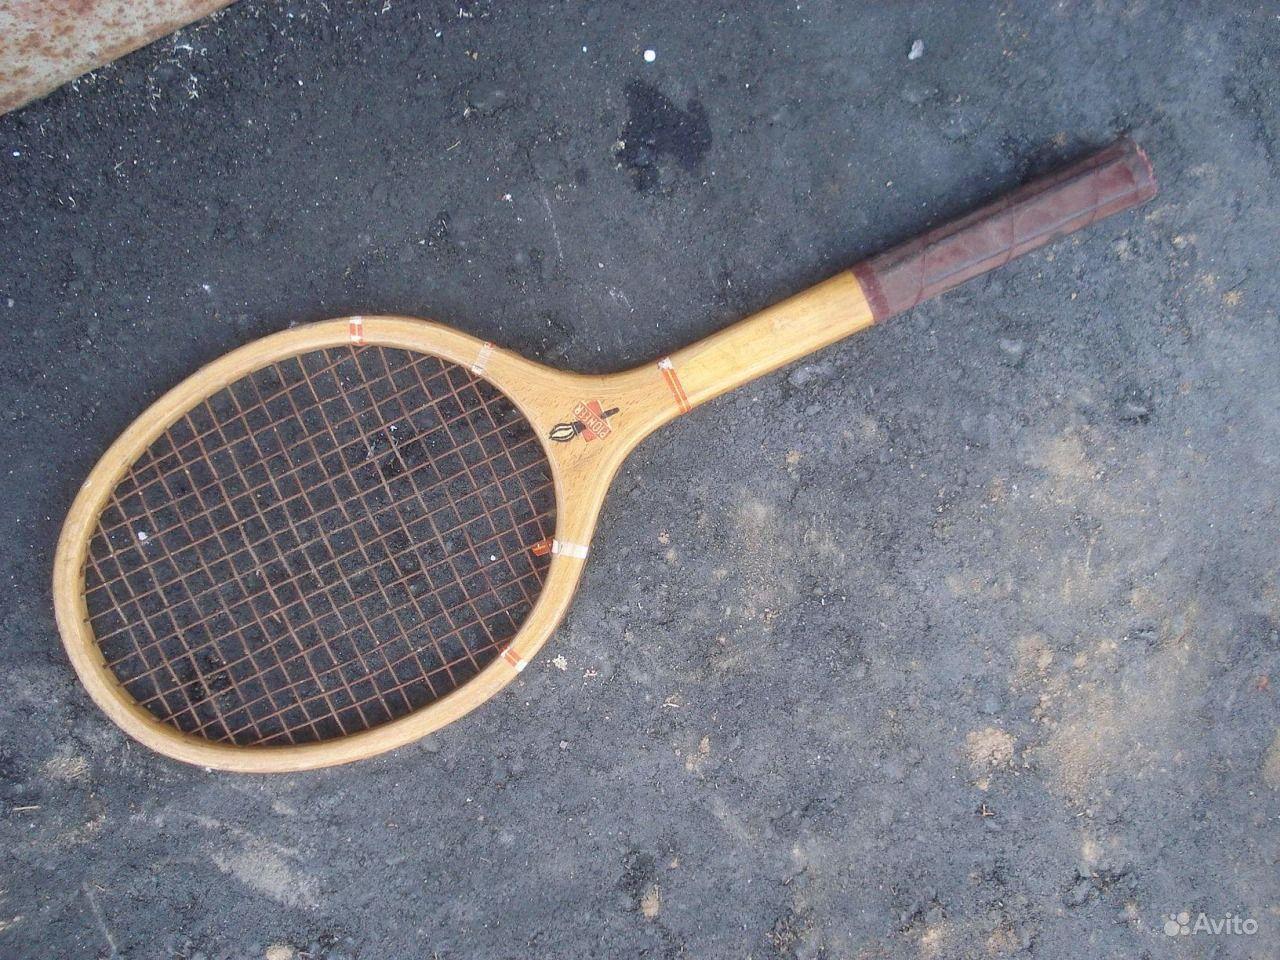 теннисная ракетка или ракетка для бадминтона?